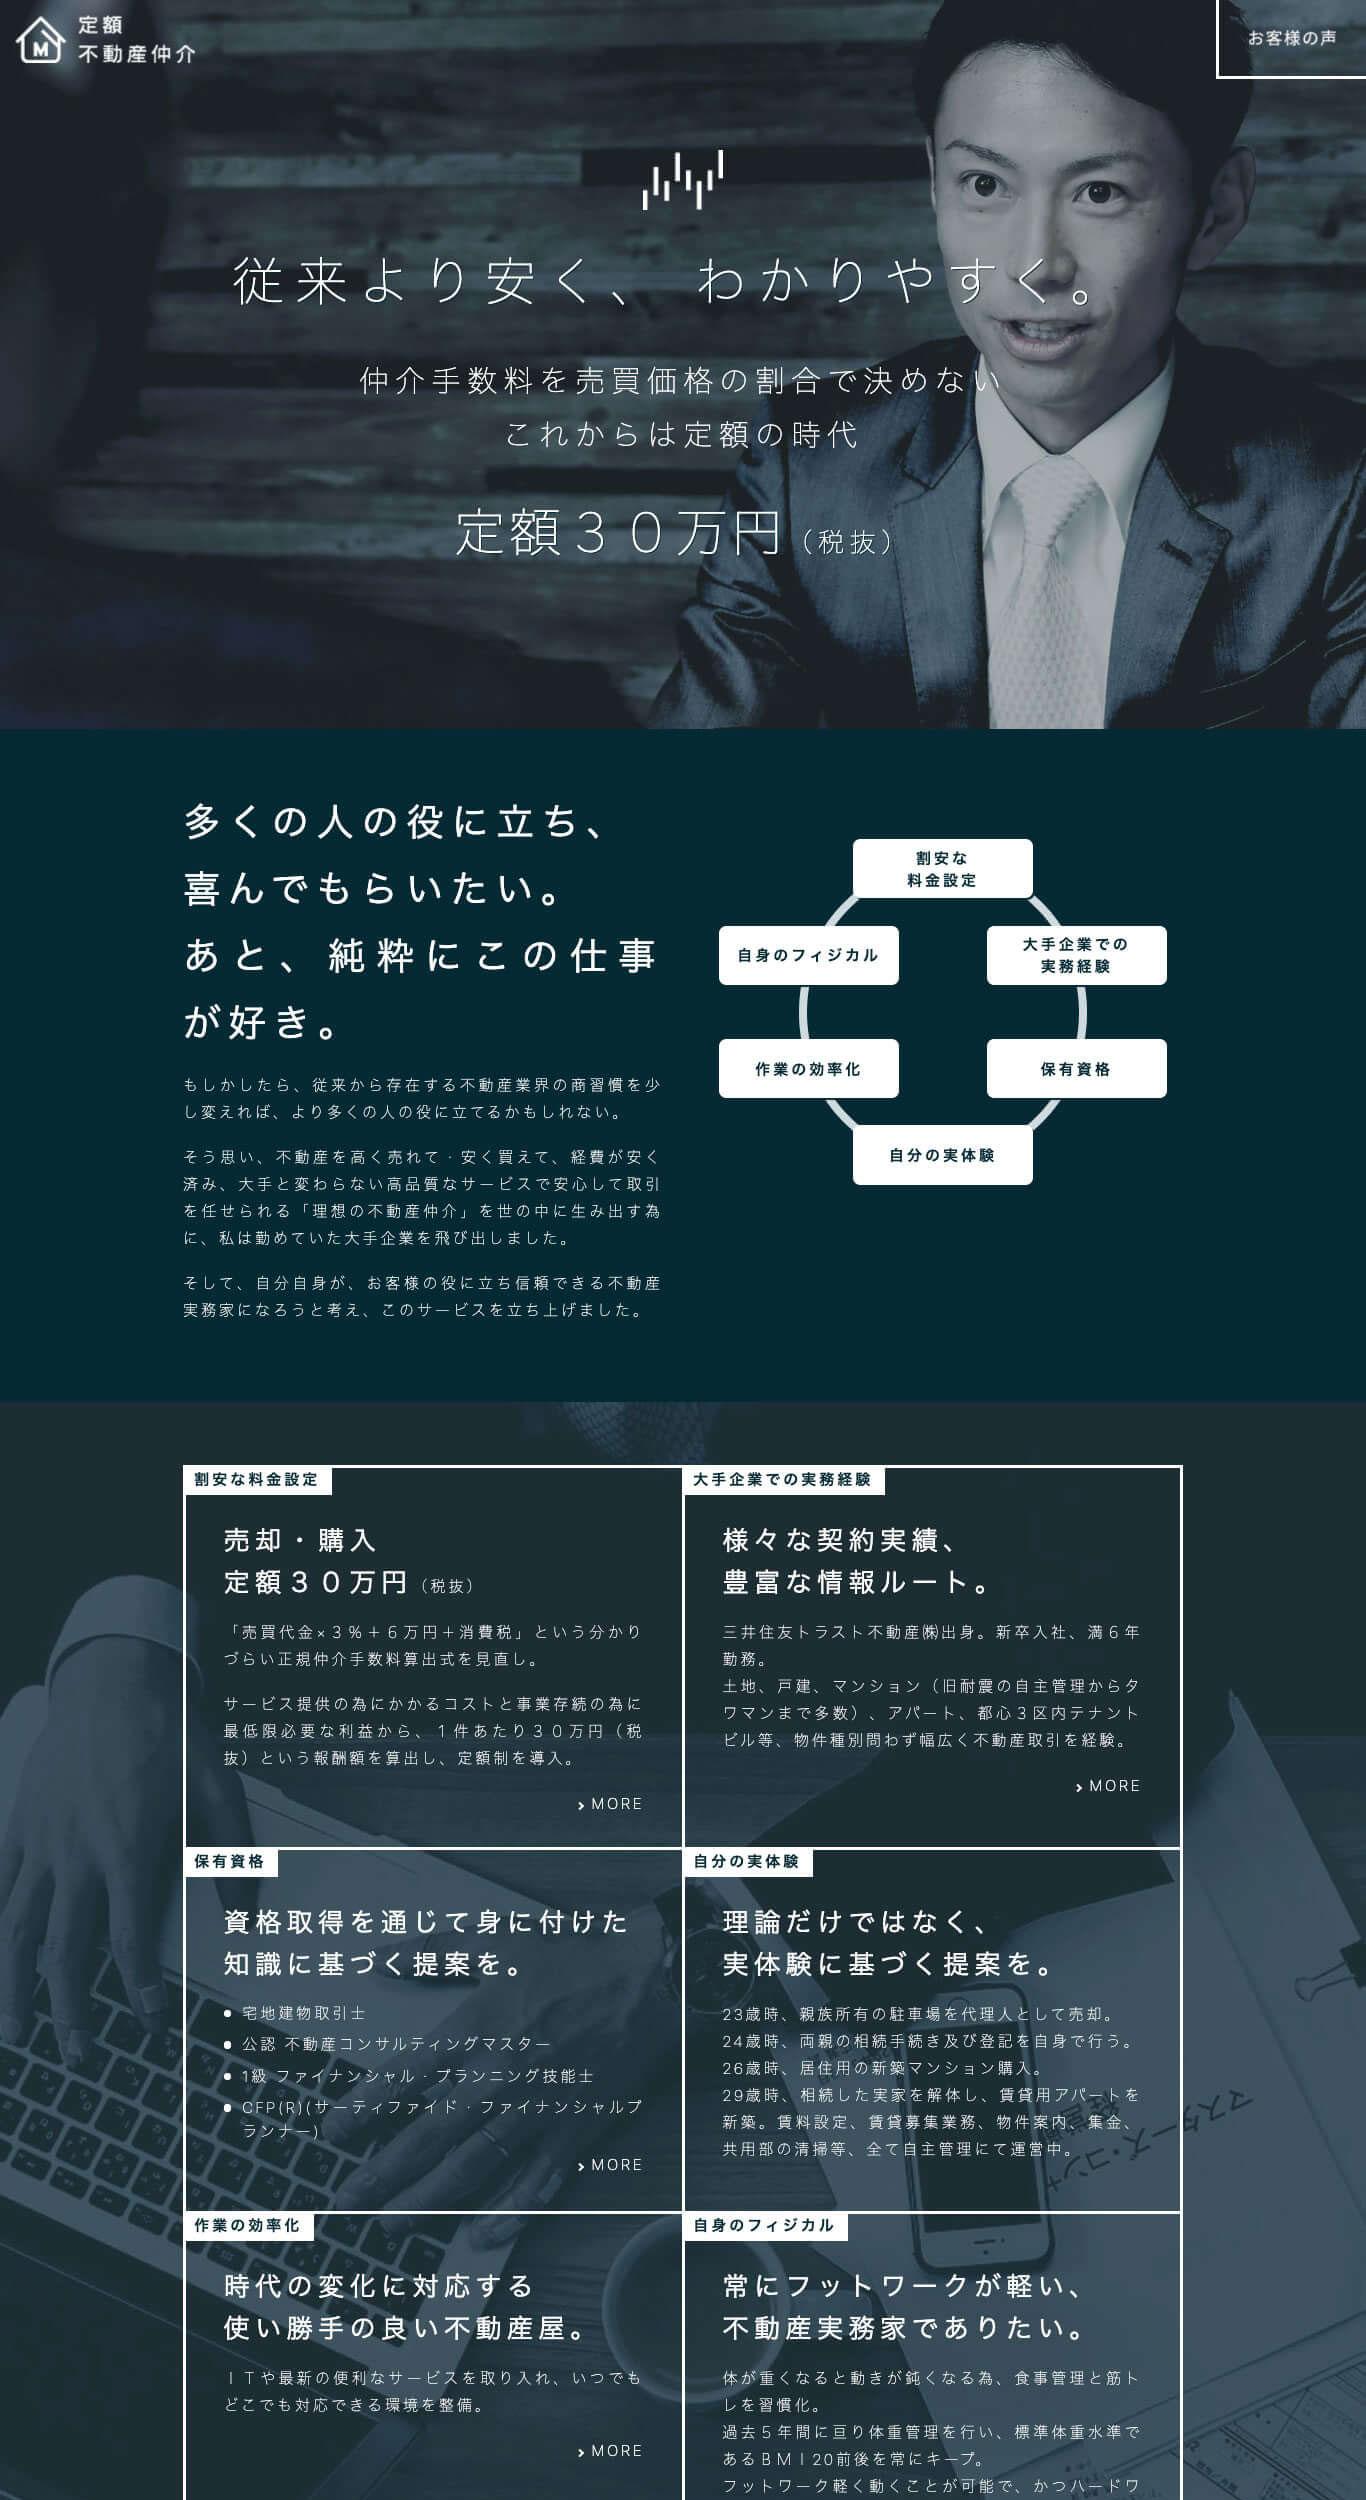 株式会社マスターズ・コンサルティングのウェブデザイン